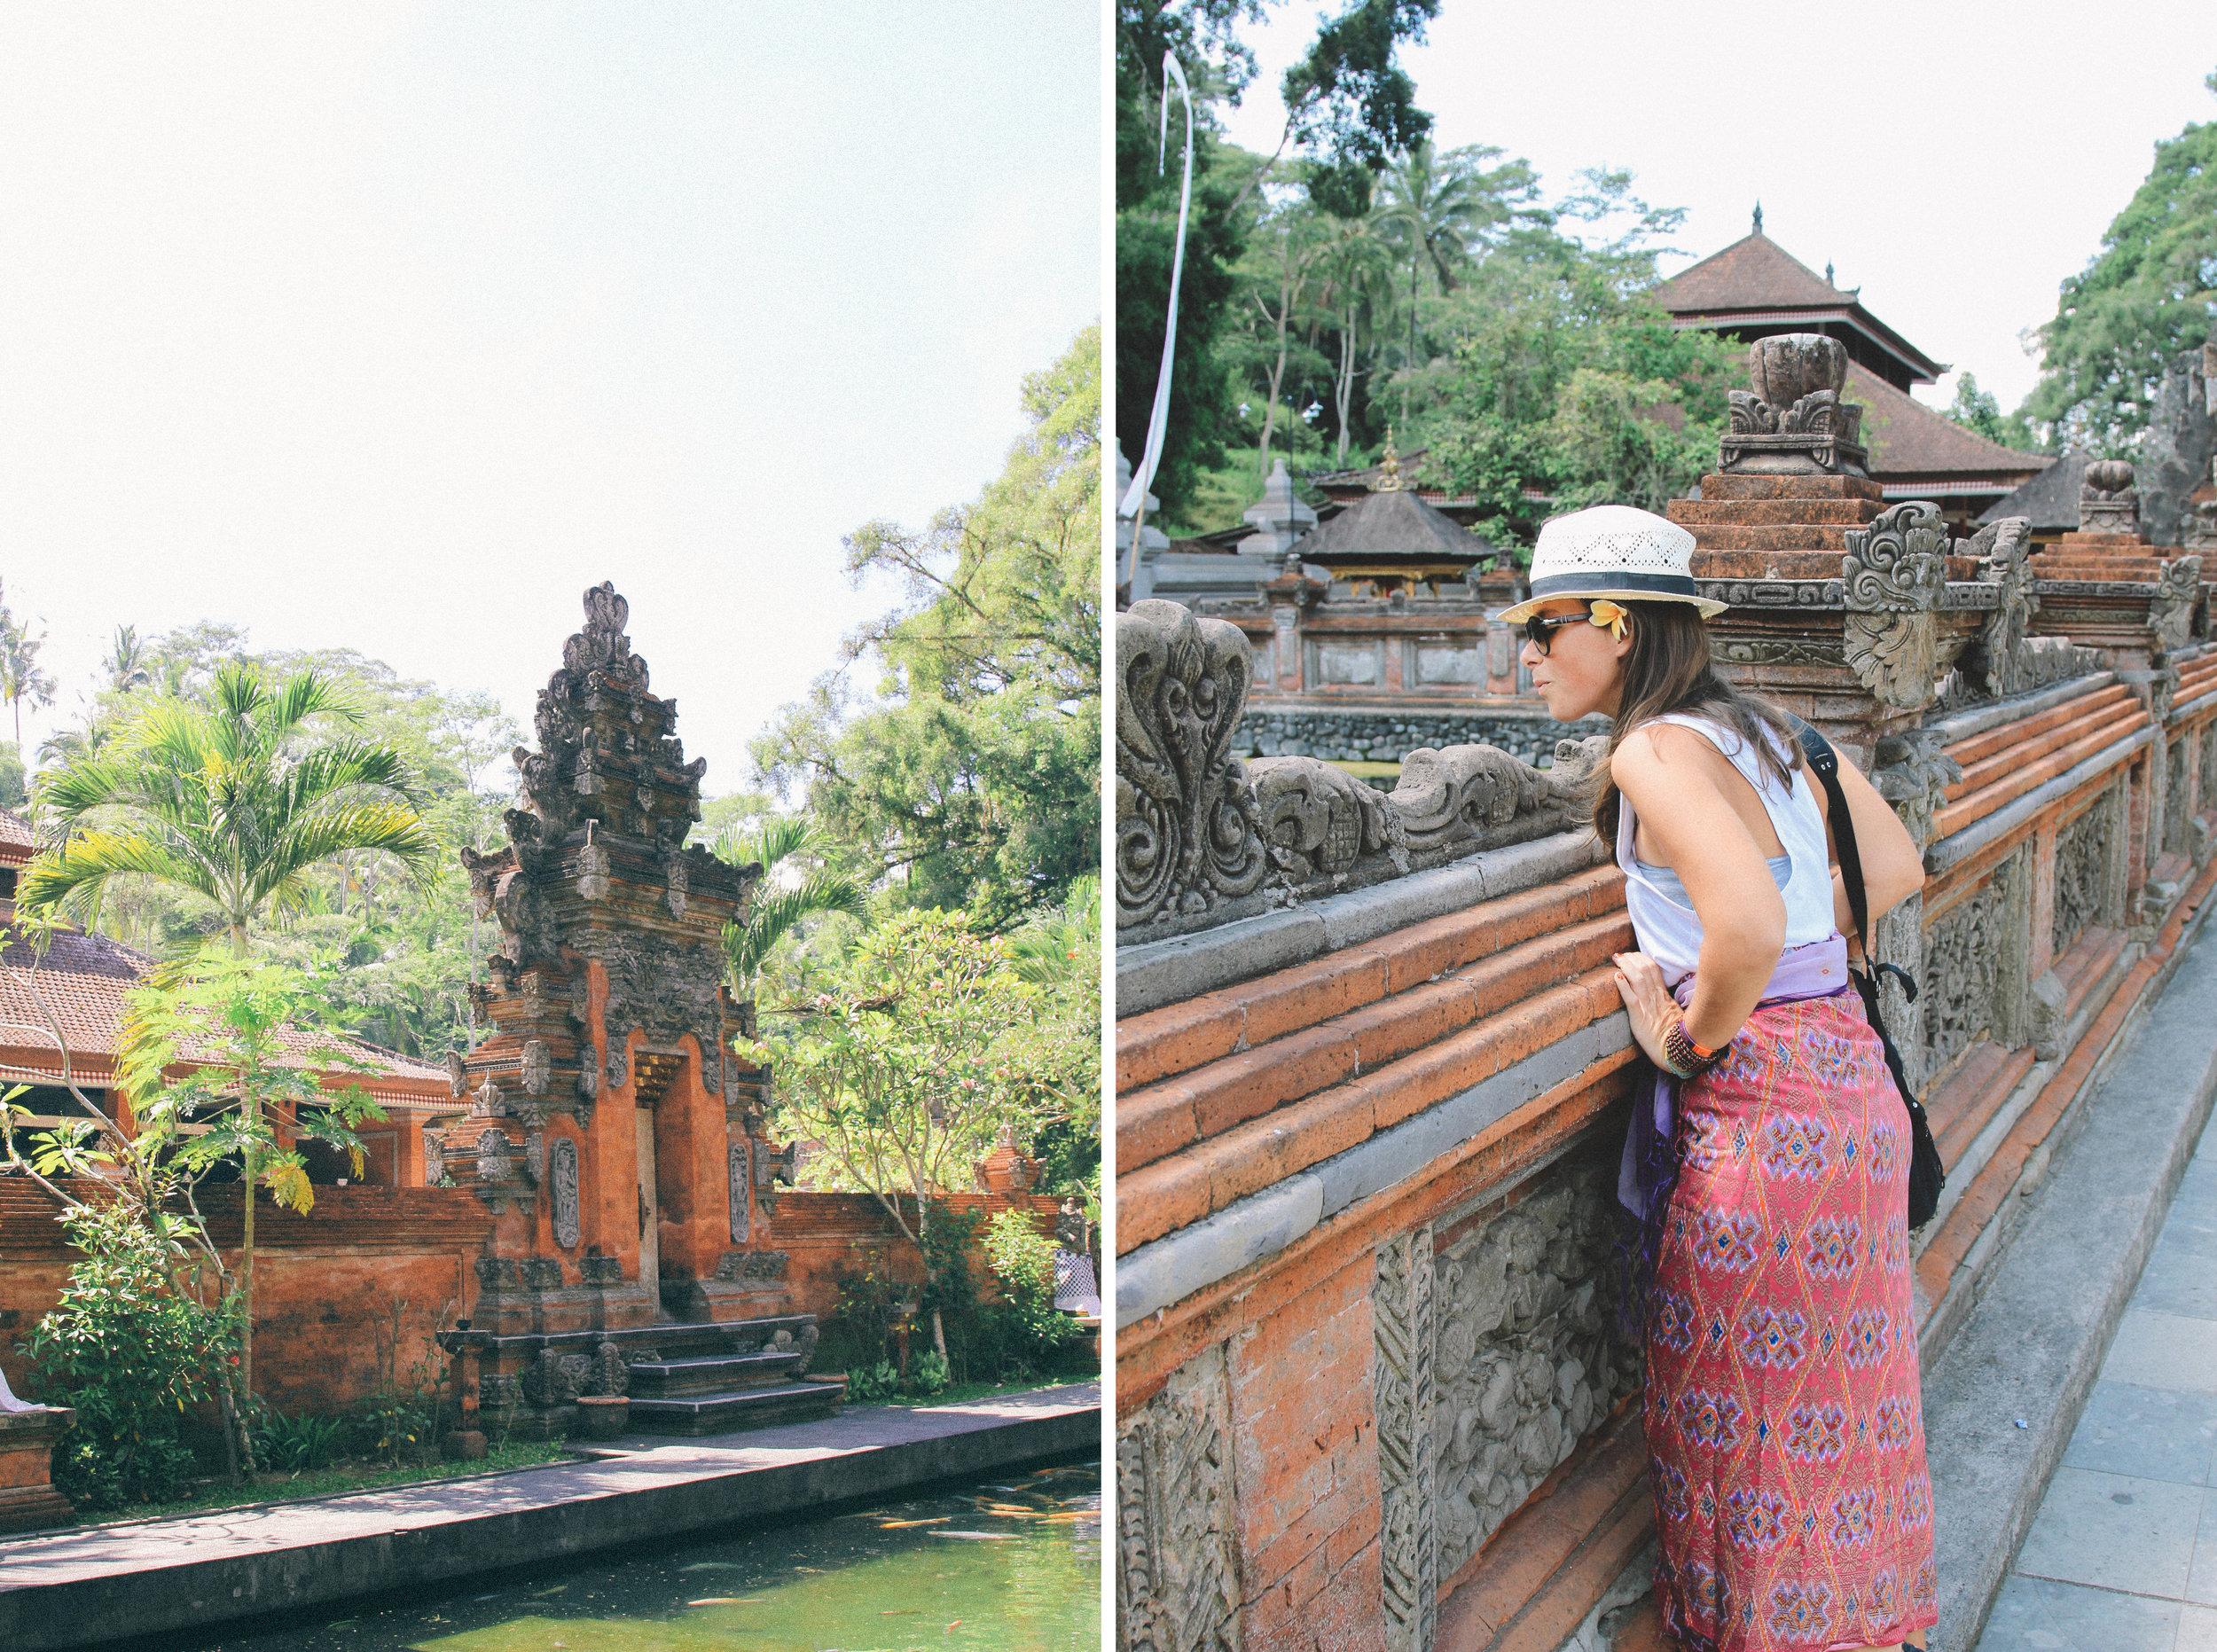 tirta-empul-temple-alex-blog-onmyway.jpg